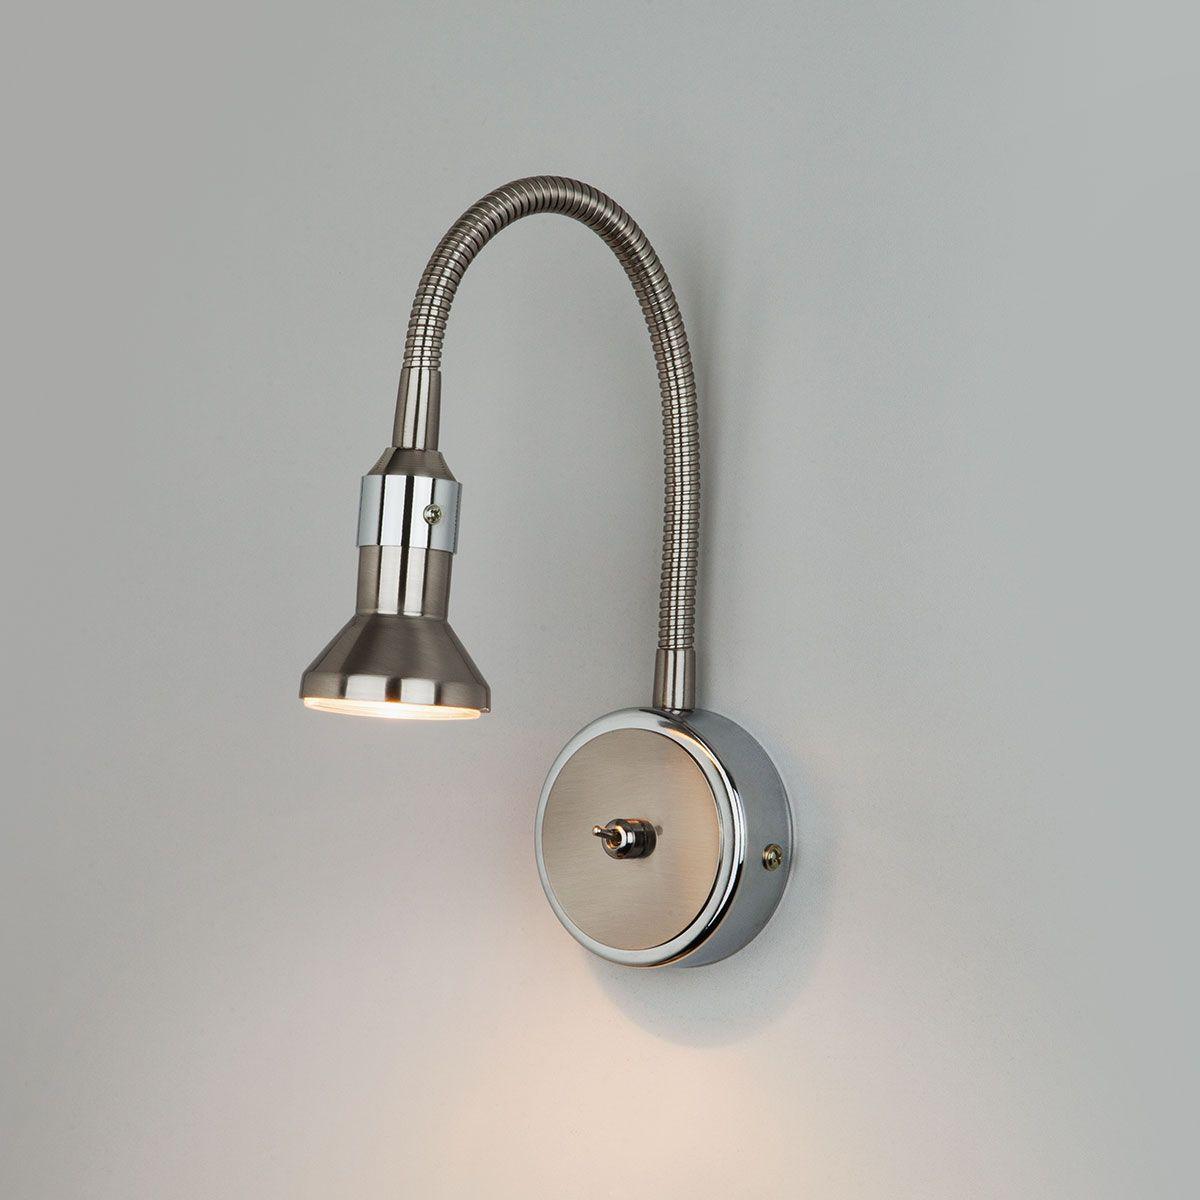 Настенный светильник с гибким корпусом Plica 1215 MR16 сатинированный никель / хром